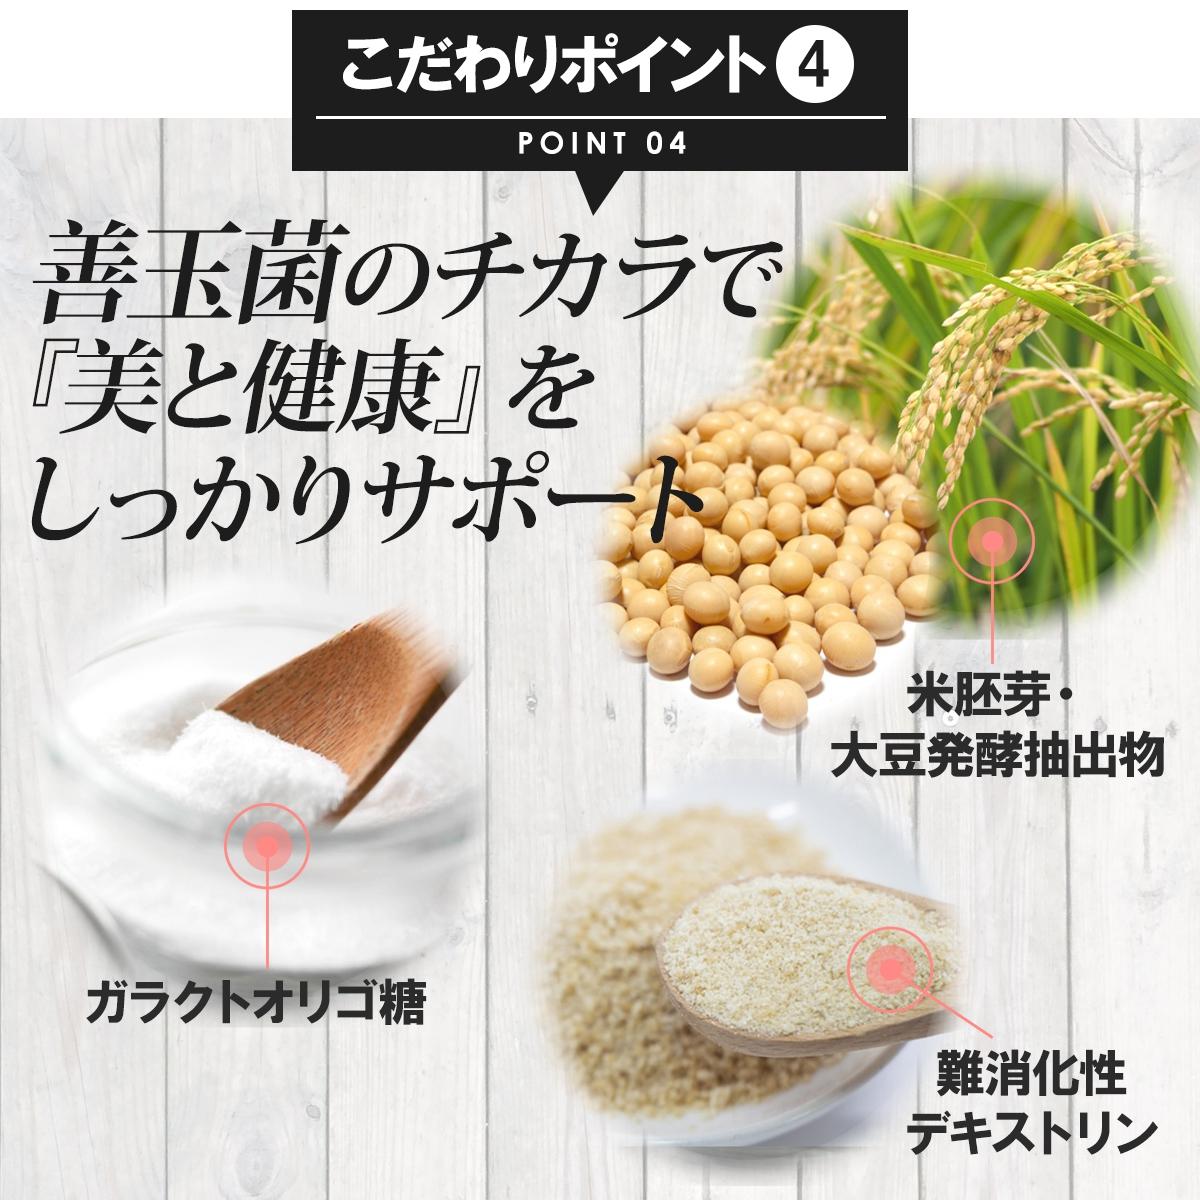 Mujina(ムジナ) NIOii ニオイイの商品画像14